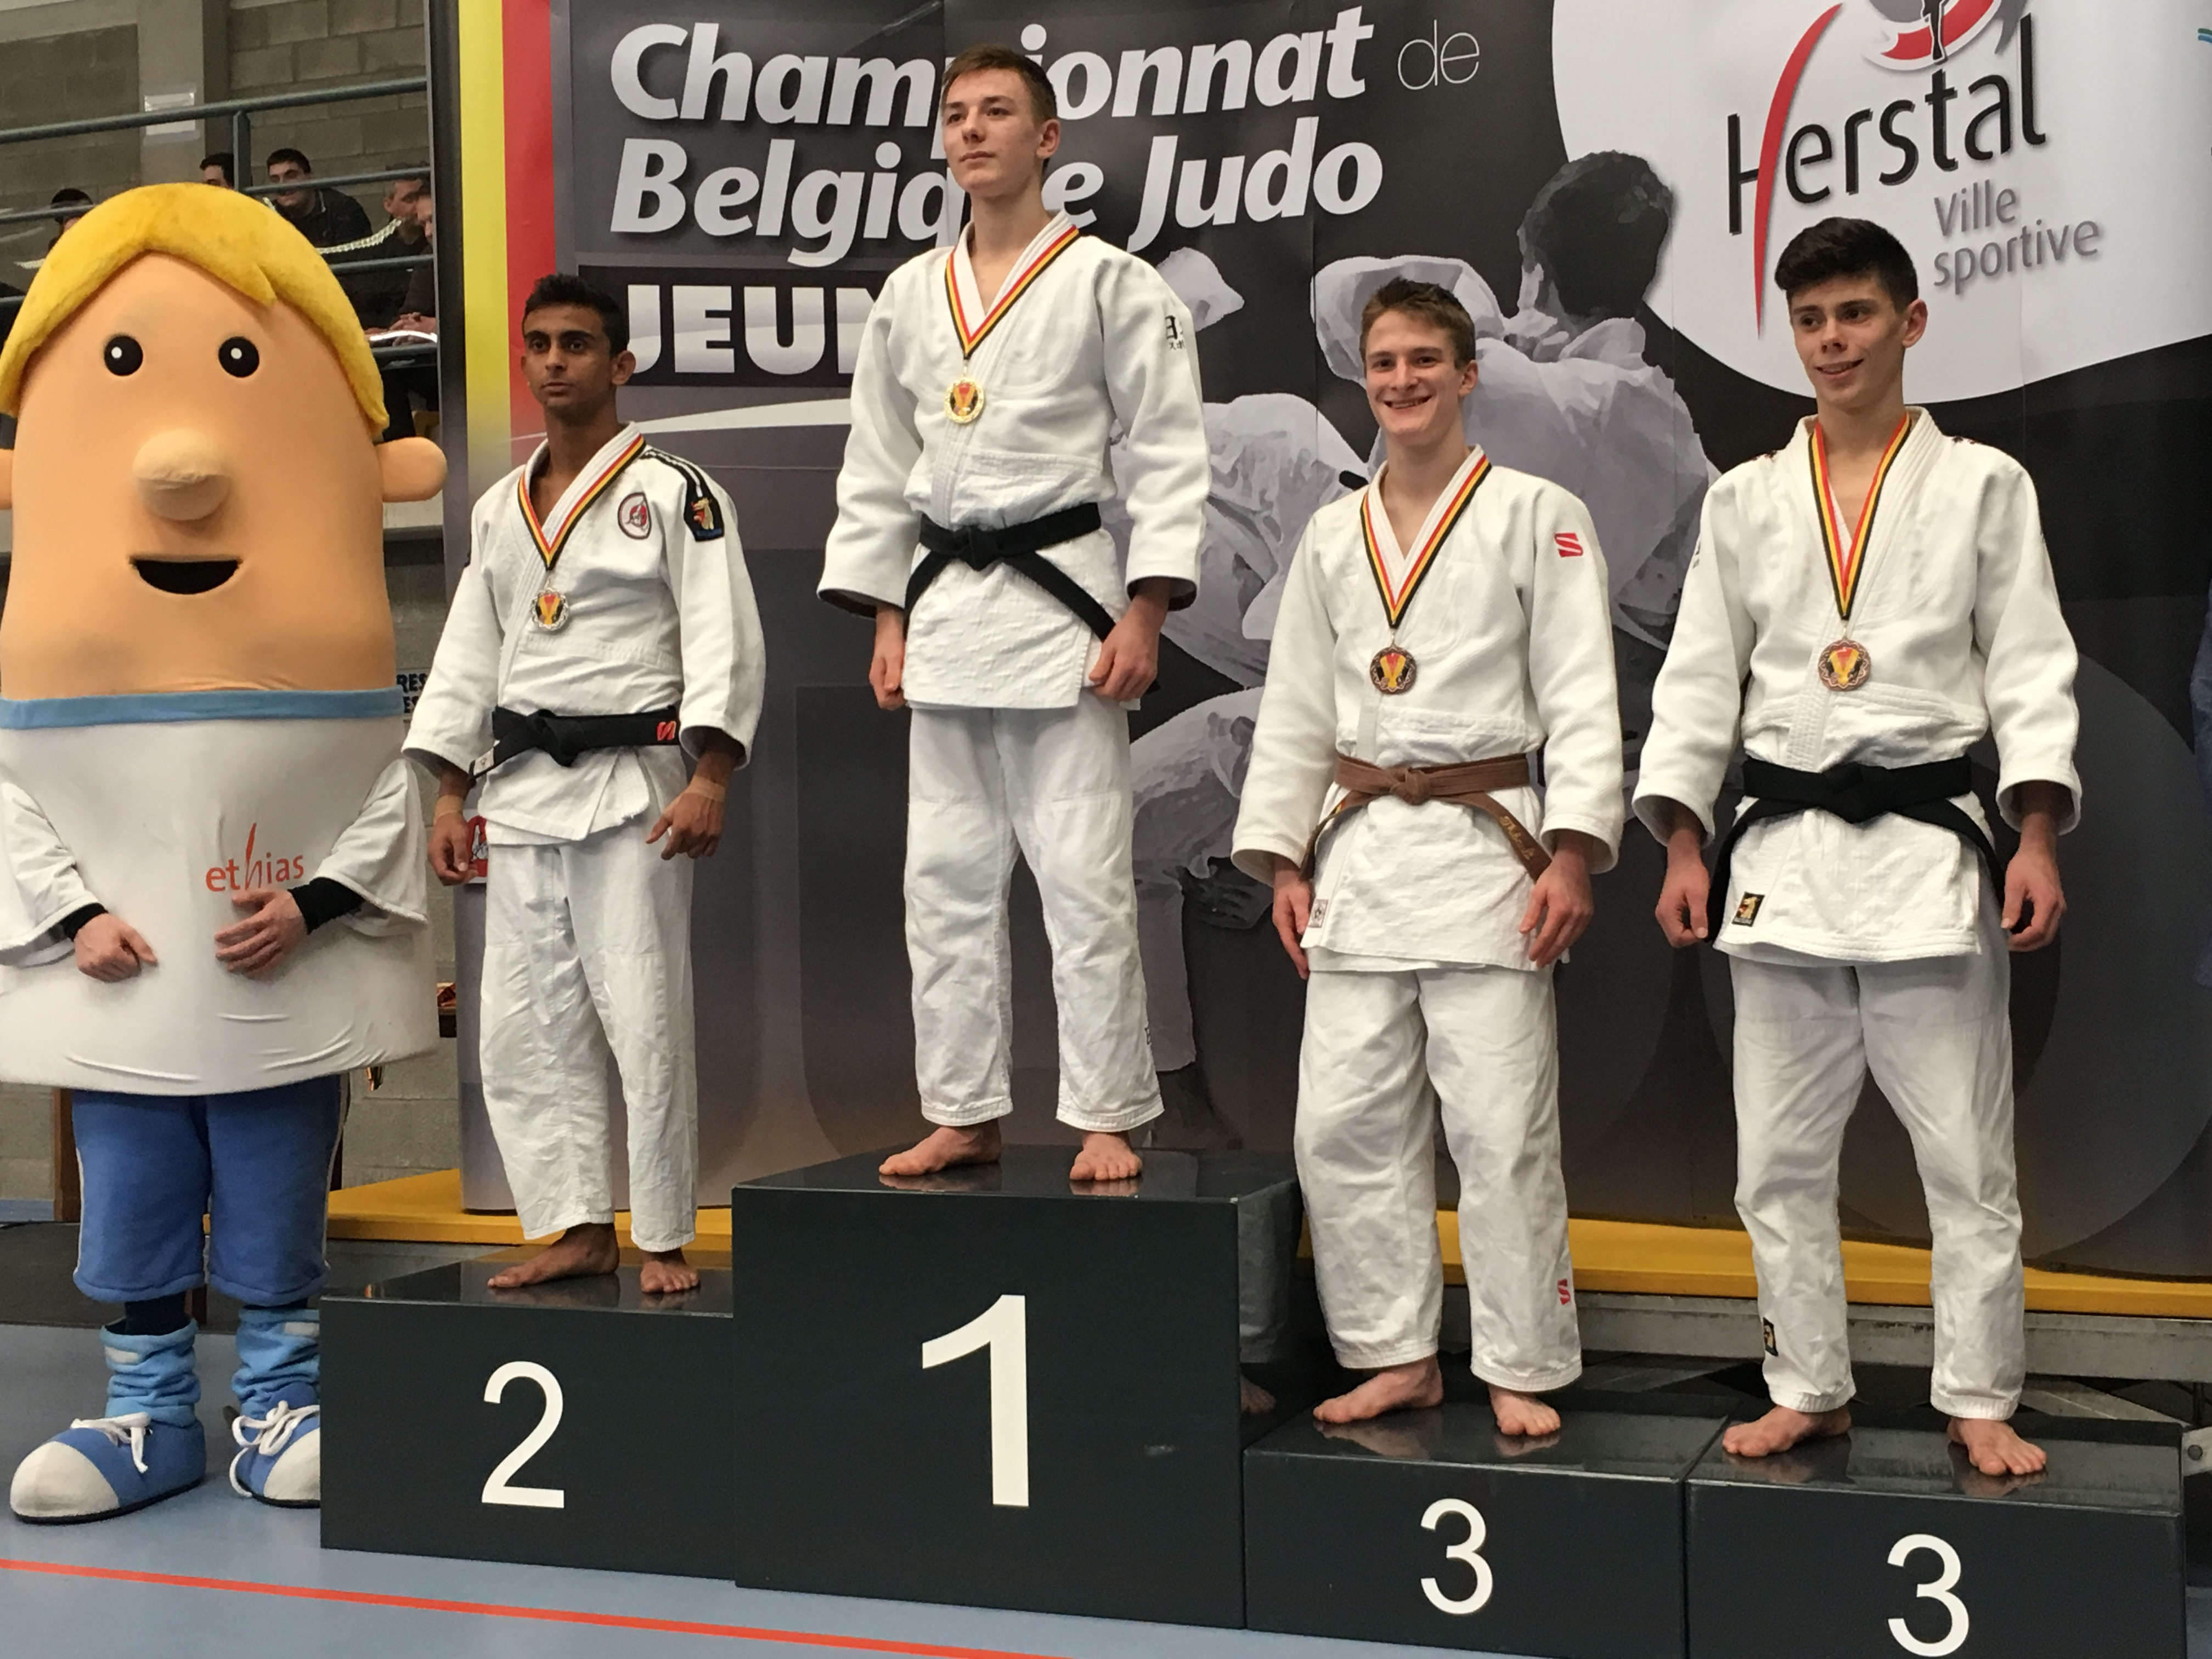 Championnats de Belgique